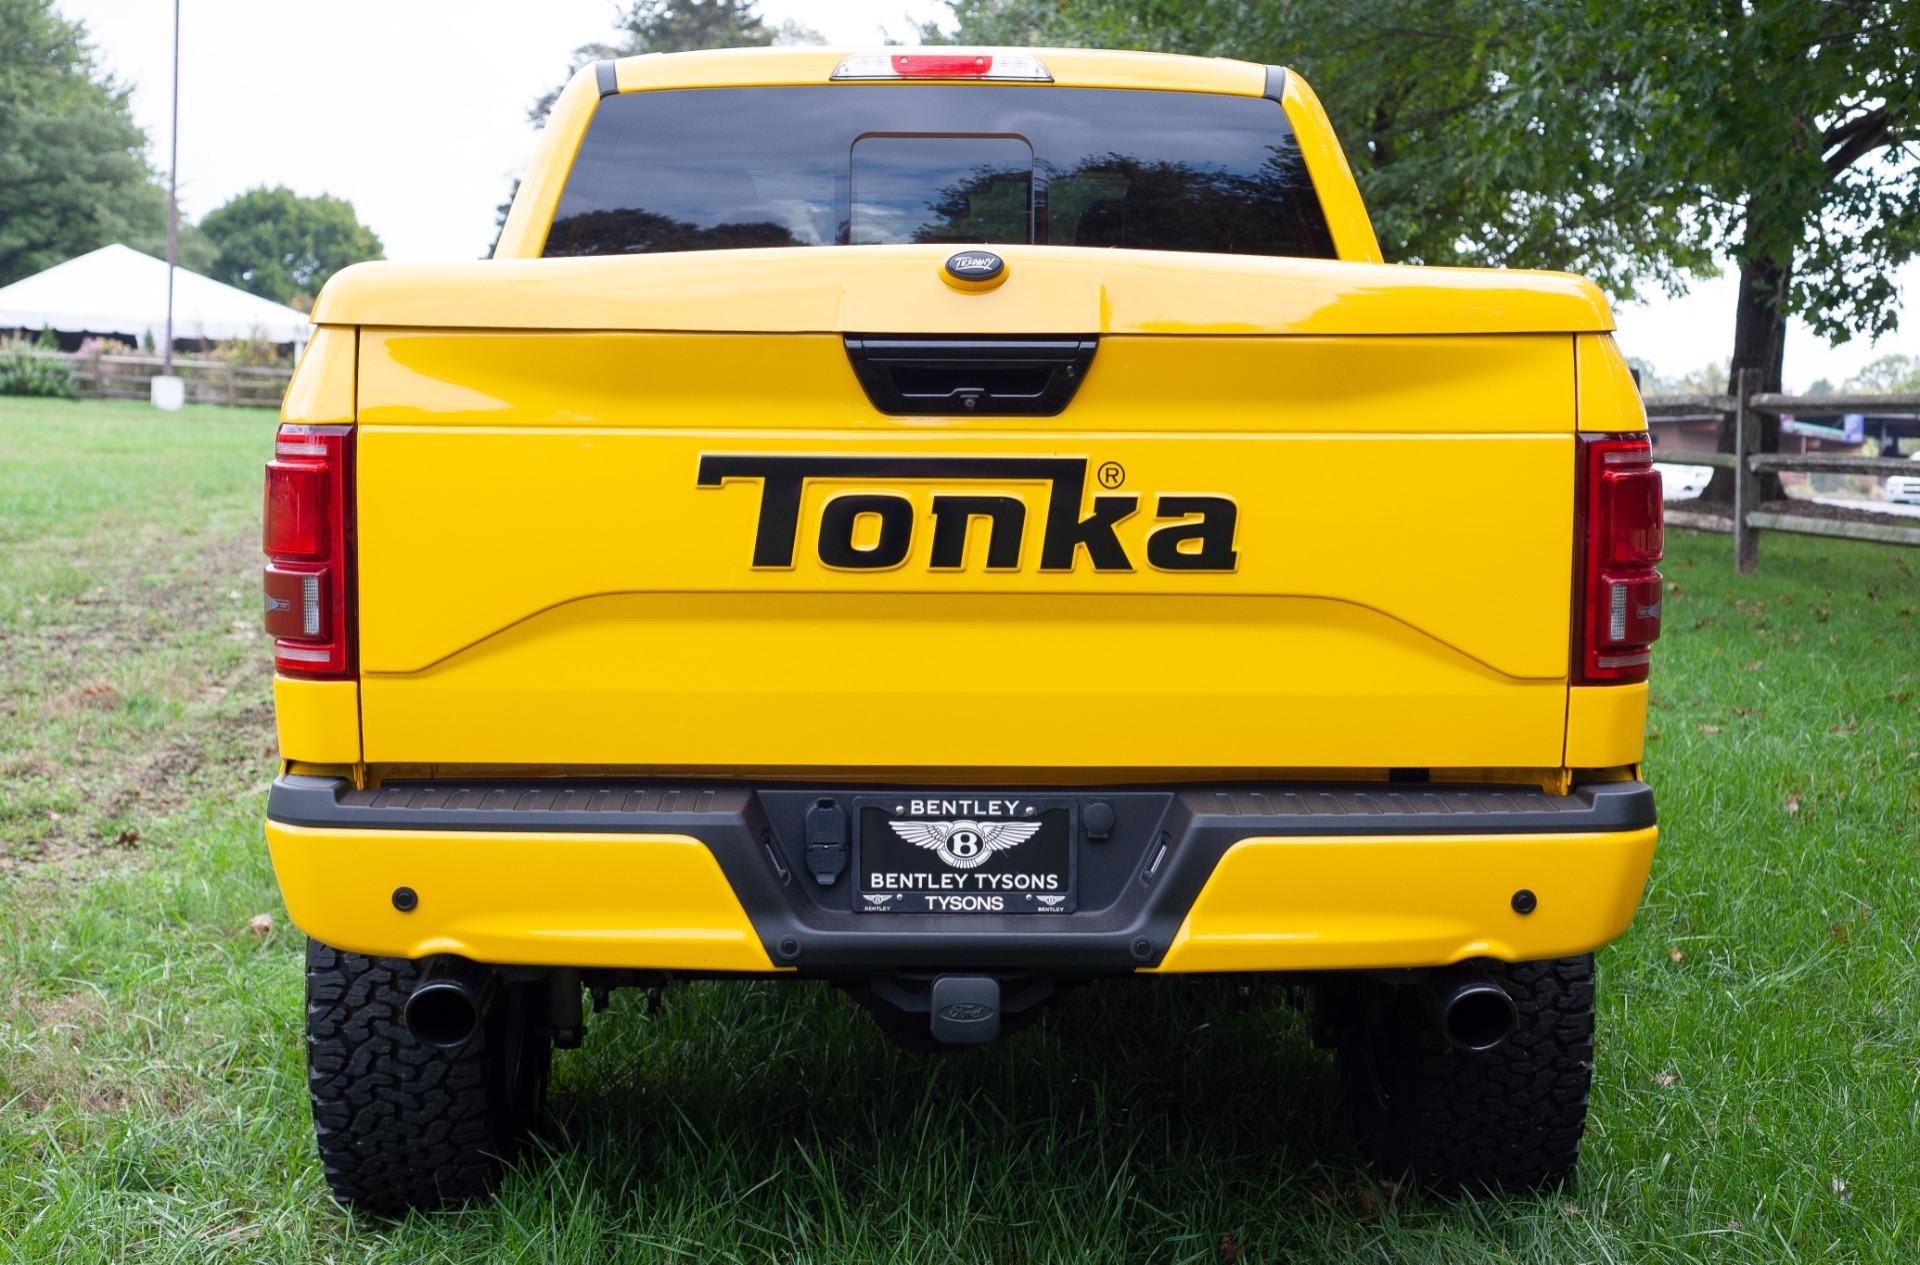 2016 Ford F-150 TONKA Stock # PE27090 for sale near Vienna, VA | VA